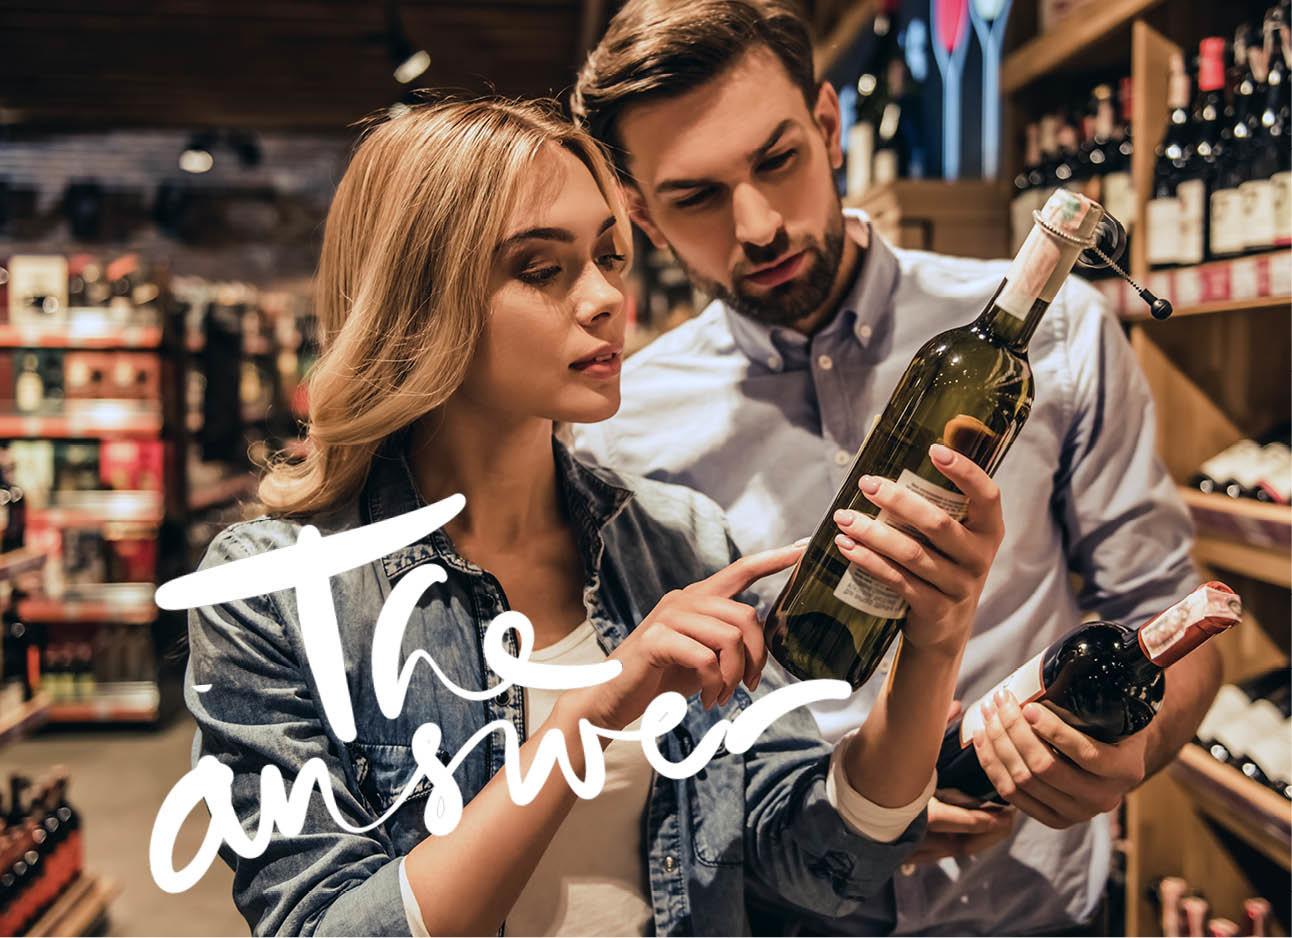 wijn uitkiezen in de supermarkt man en vrouw